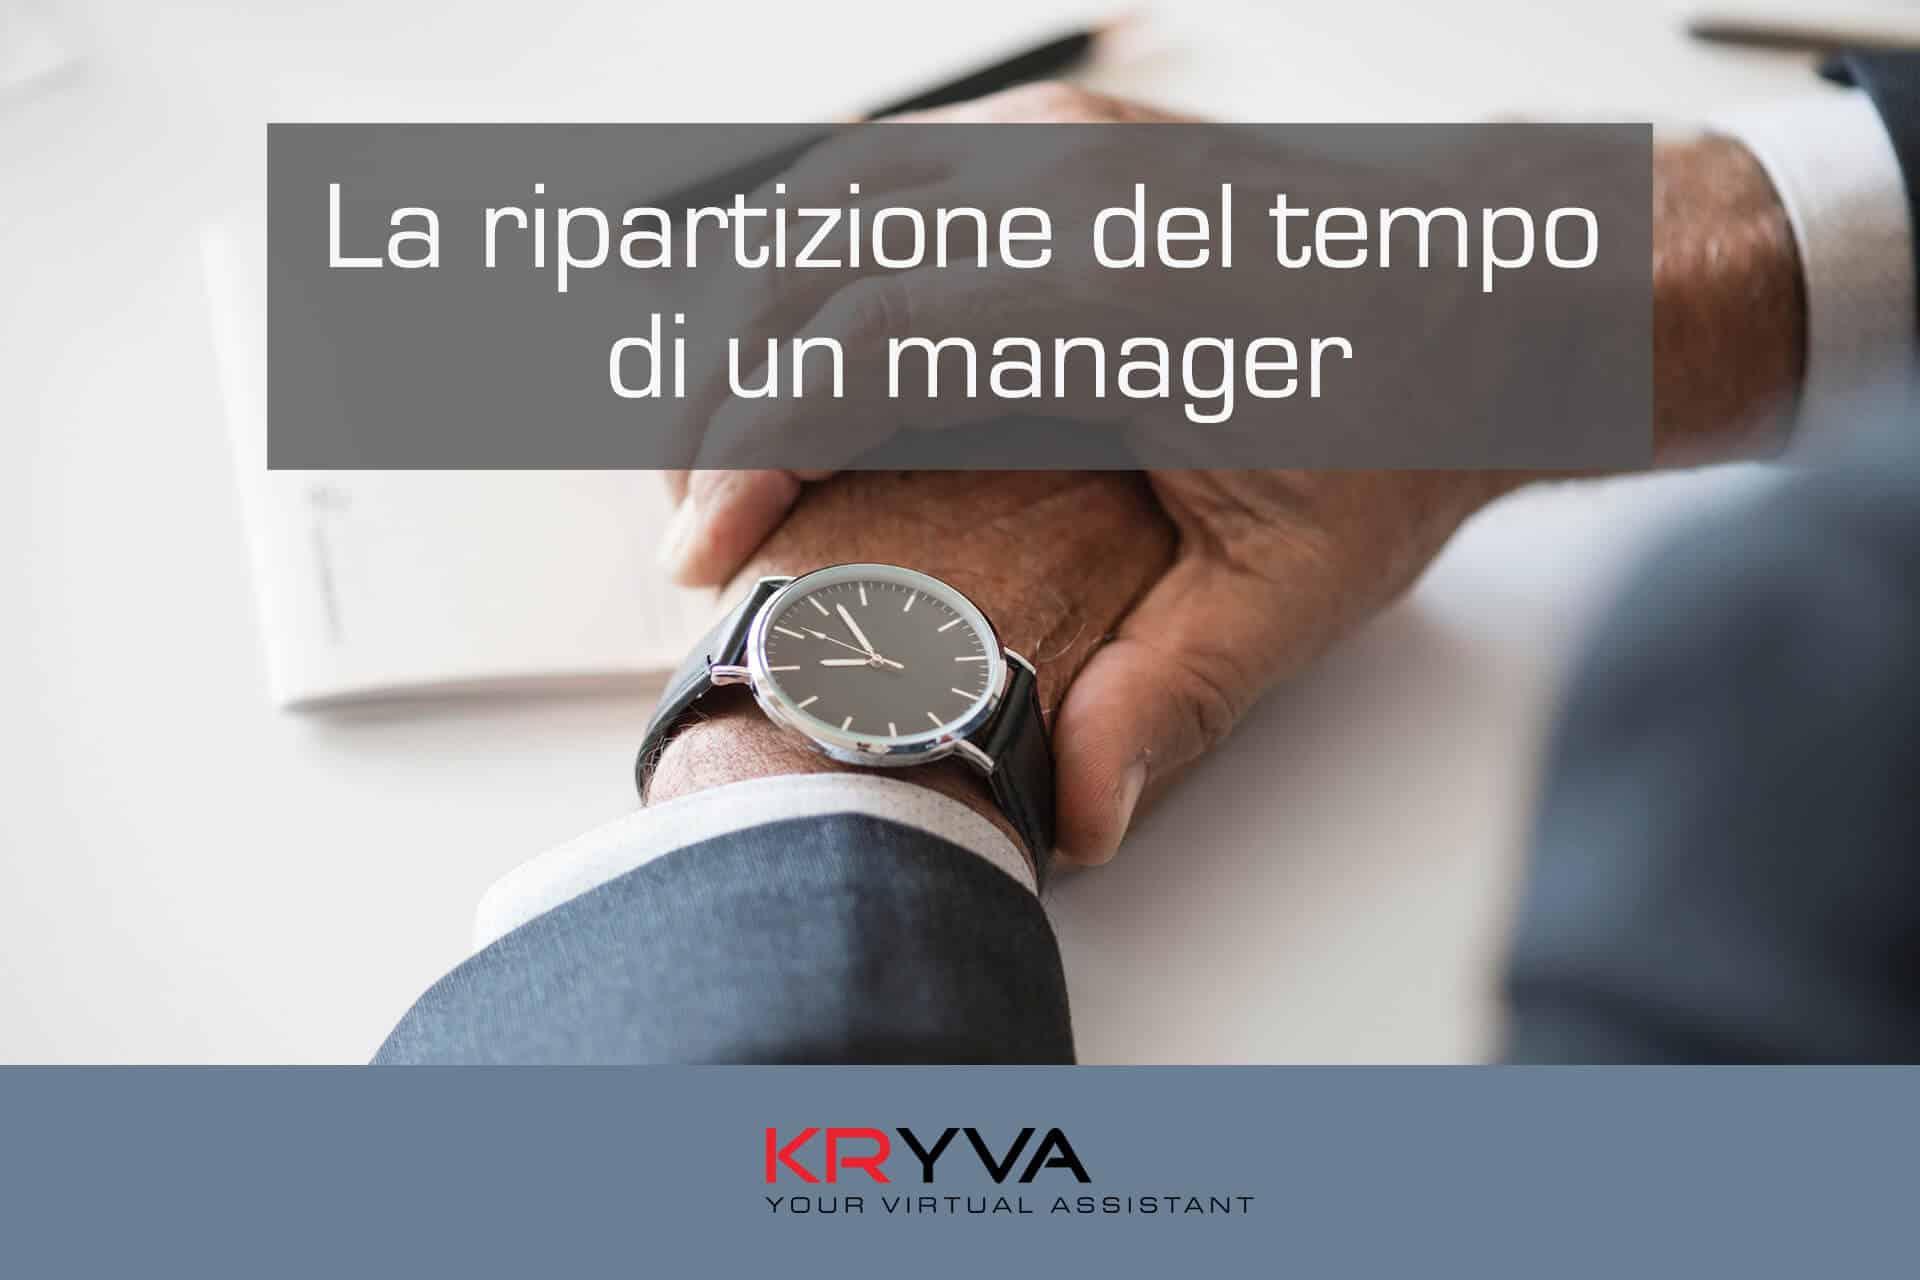 La ripartizione del tempo di un manager